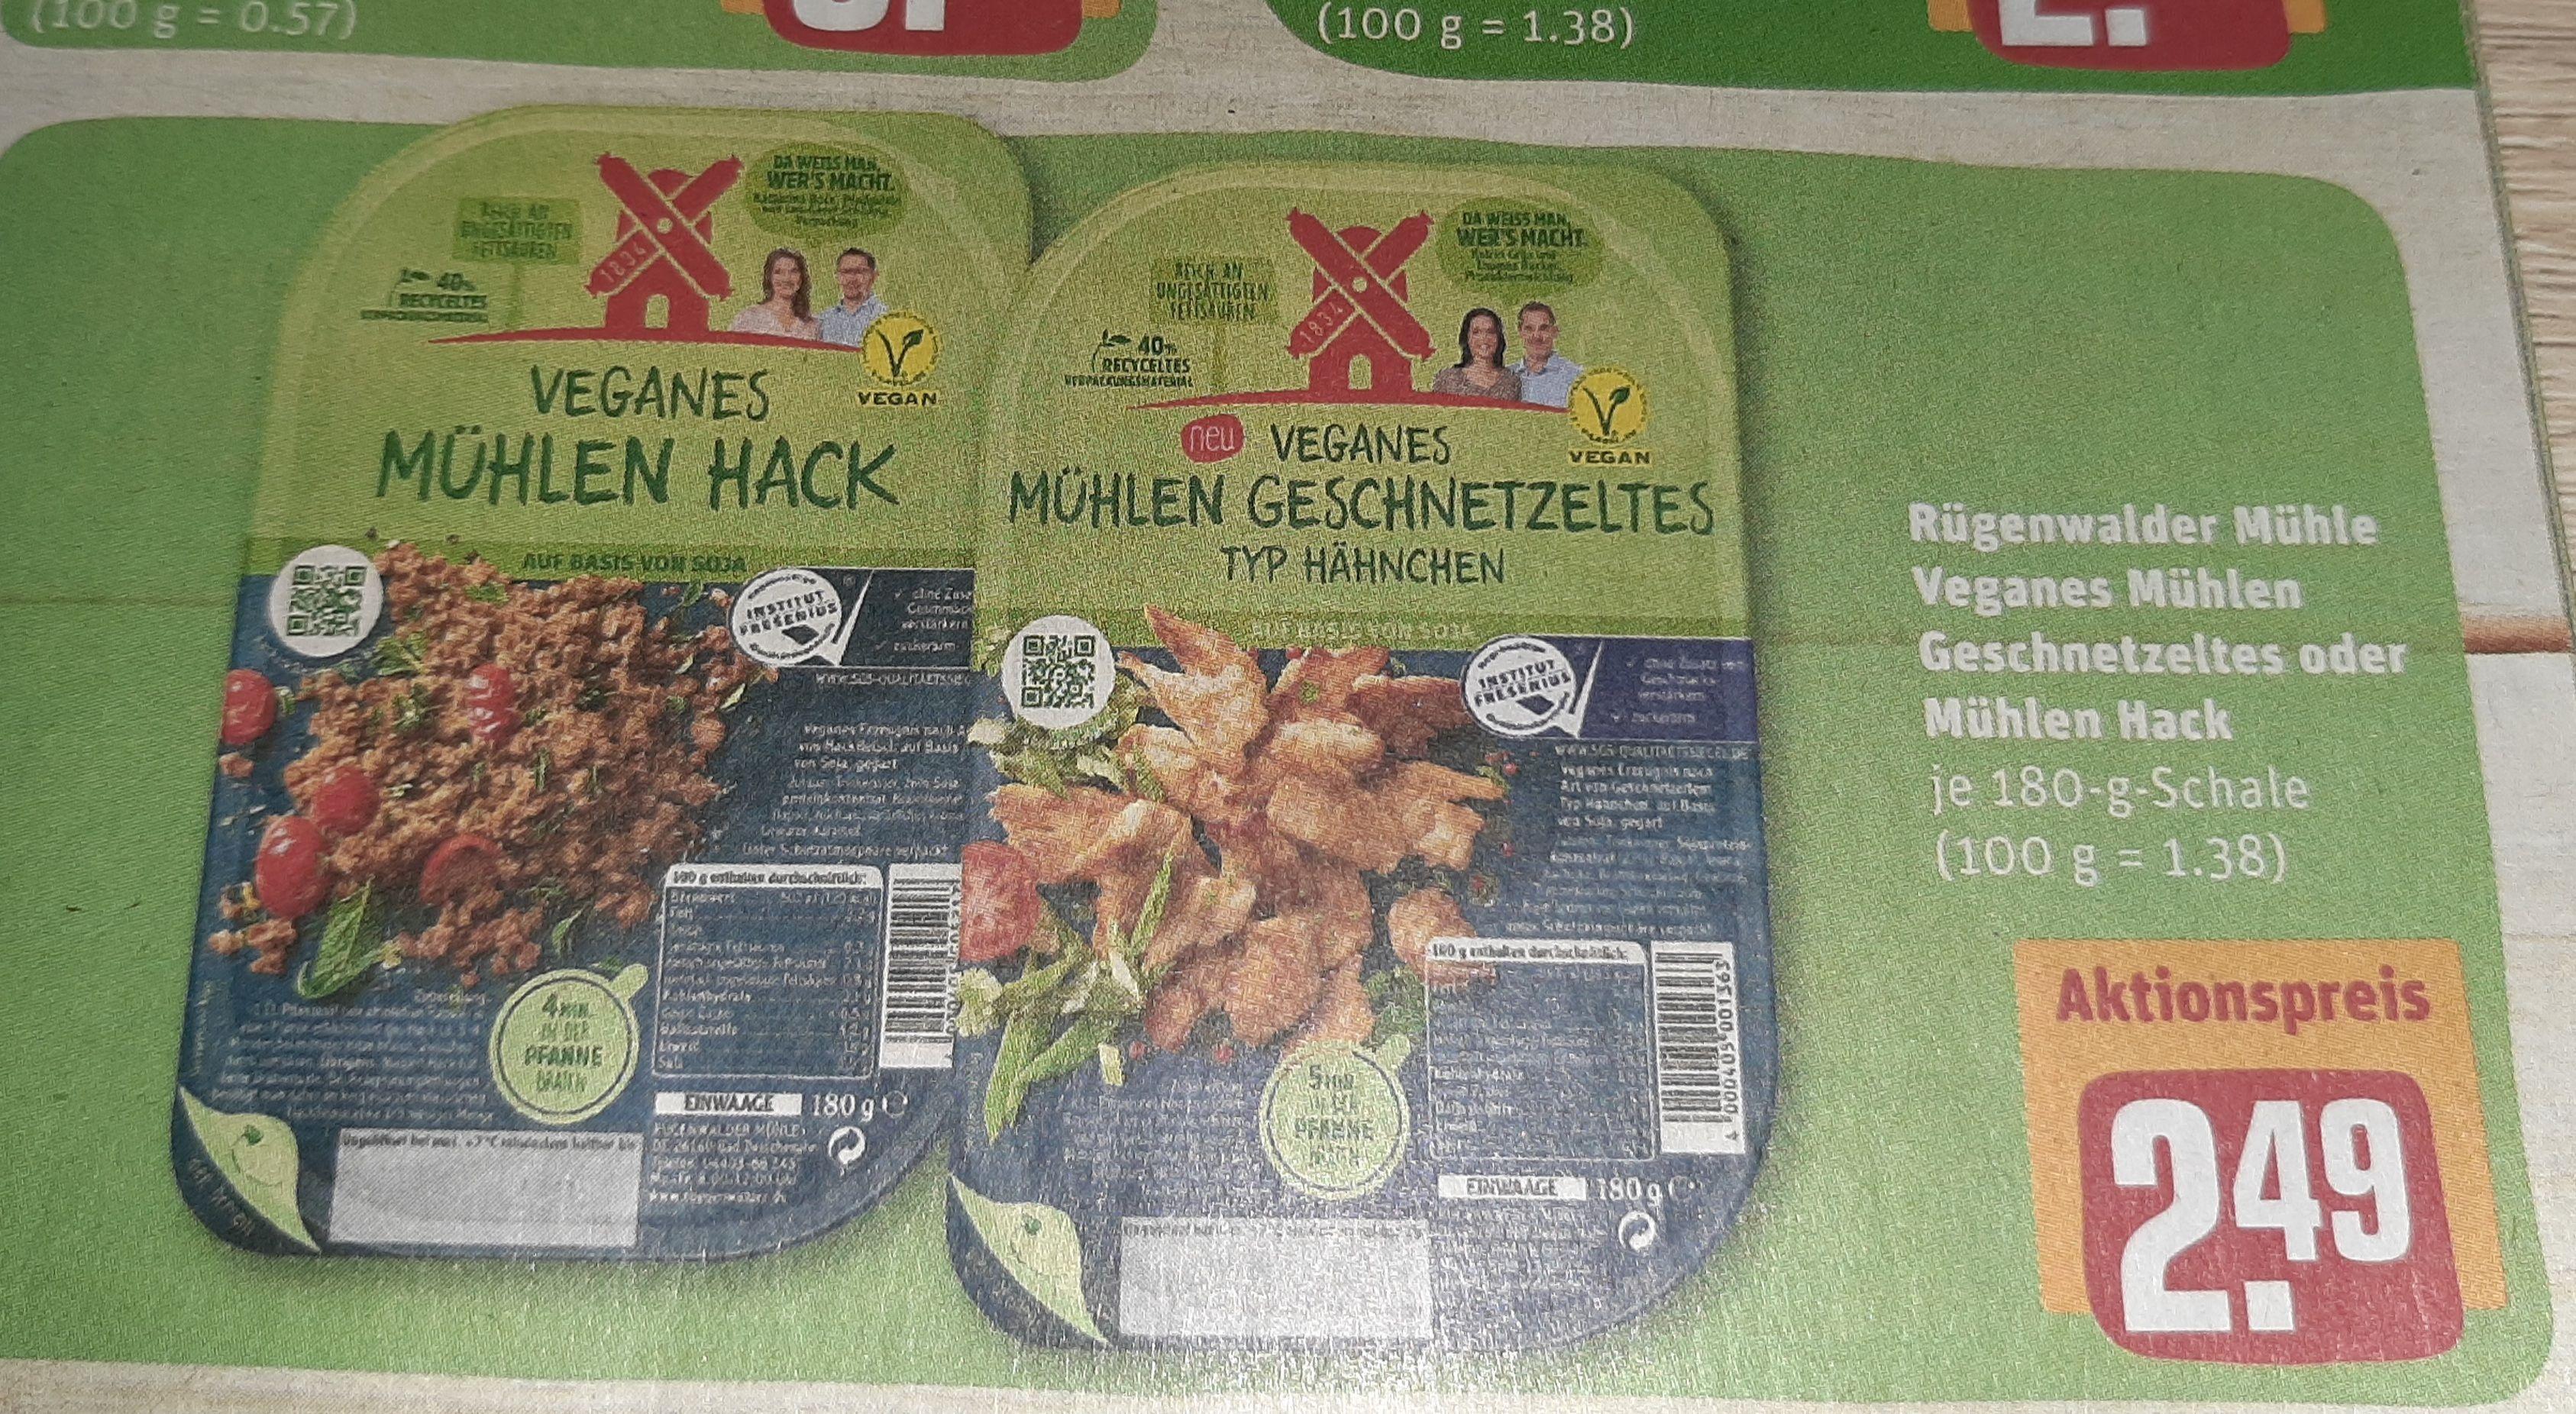 Rügenwälder Mühle Veganes Geschnetzeltes und Hackfleisch für 2.49€